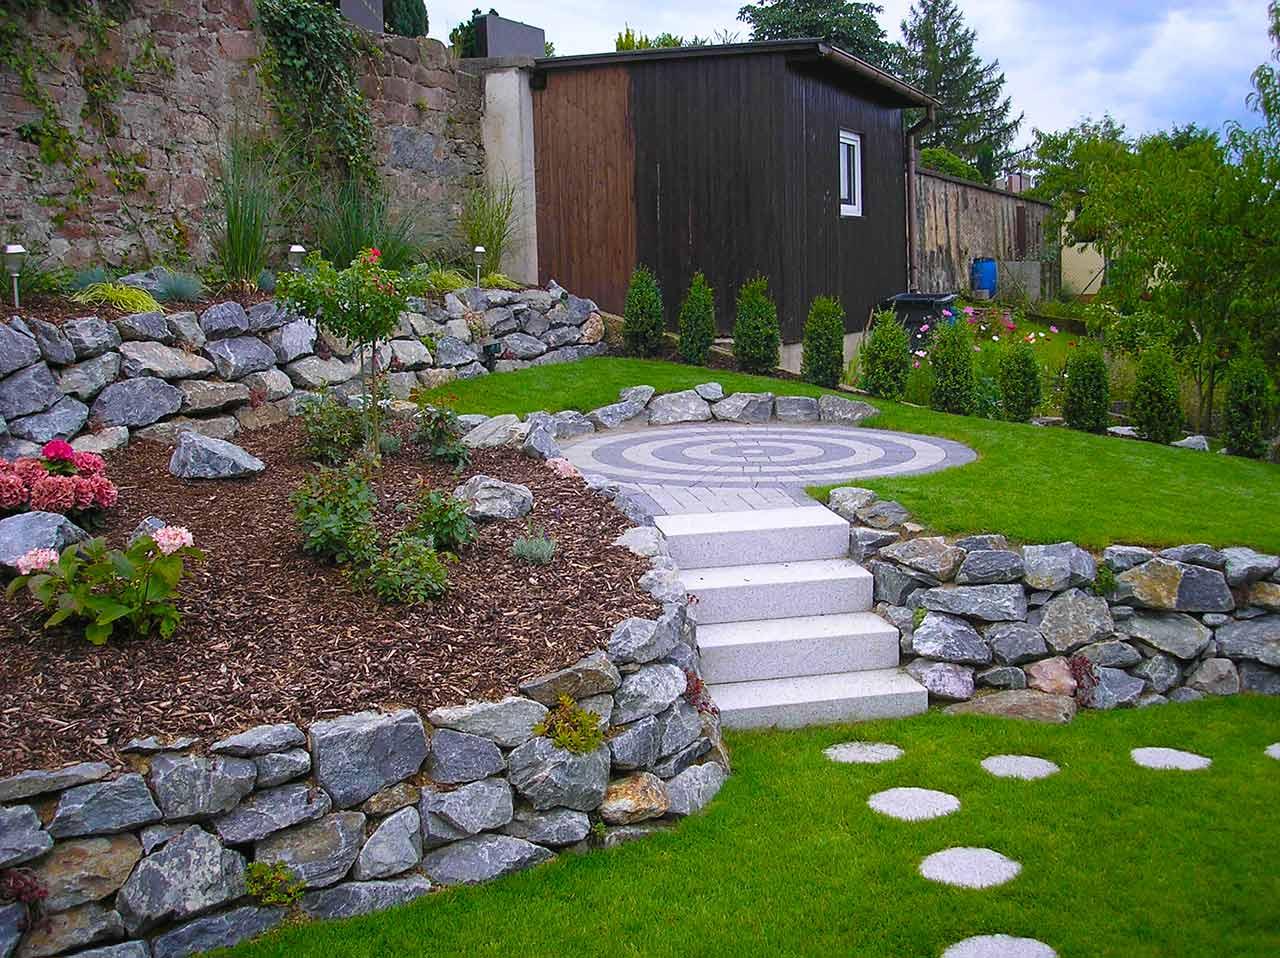 zaun sichtschutz gartenbau und landschaftsbau im vorderen odenwald. Black Bedroom Furniture Sets. Home Design Ideas